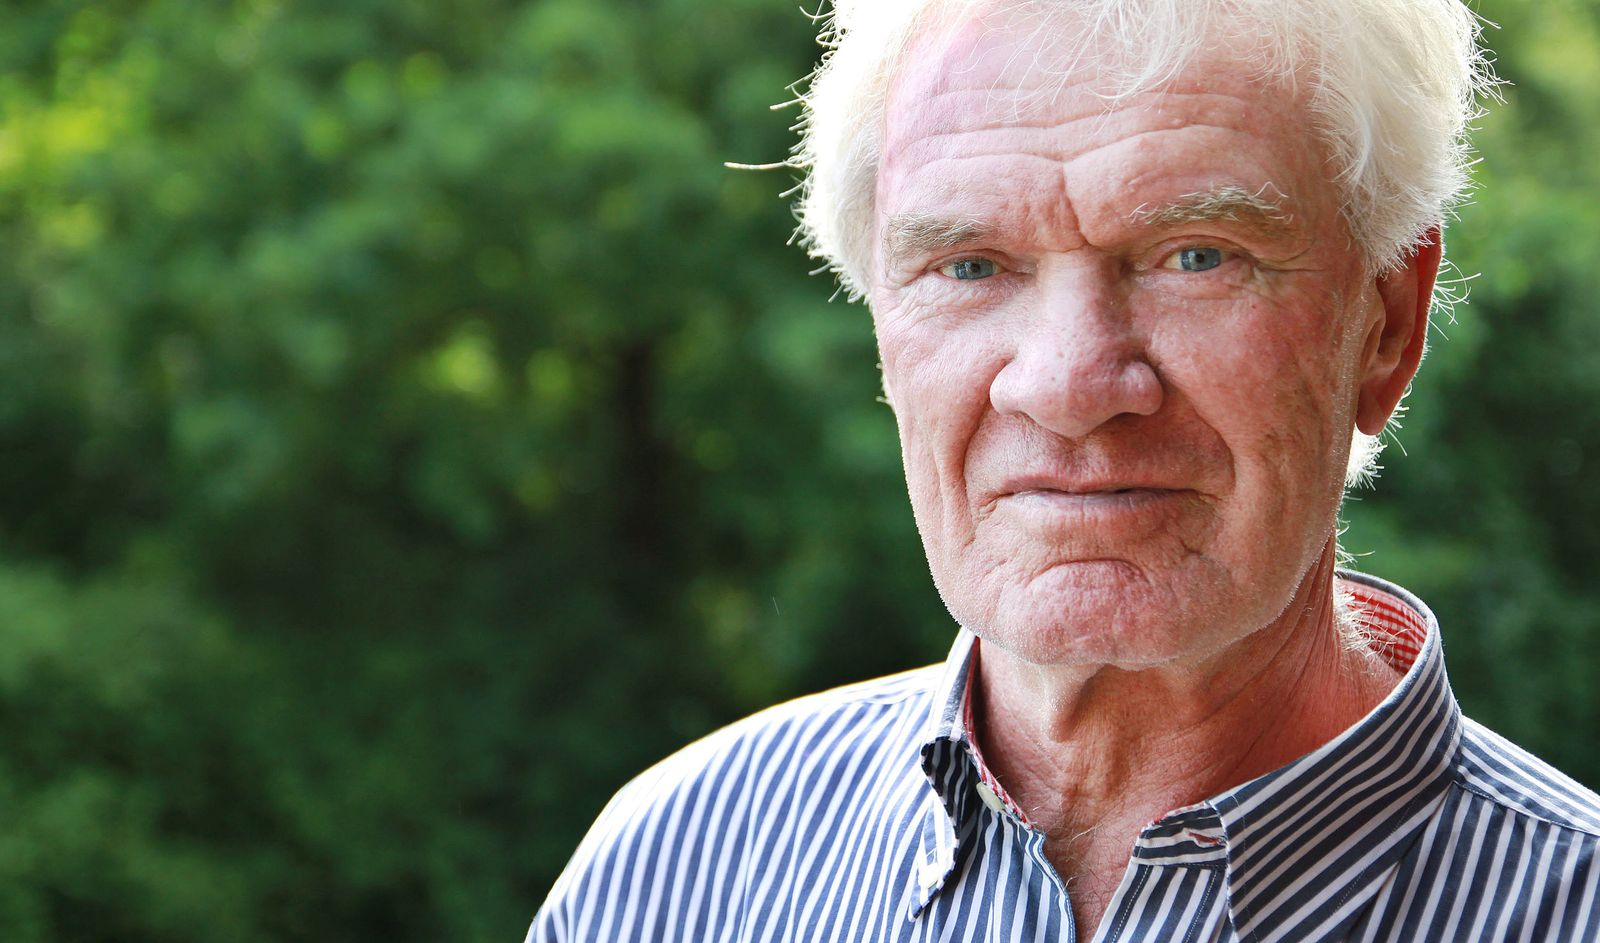 Schauspieler und Autor Burkhard Driest gestorben